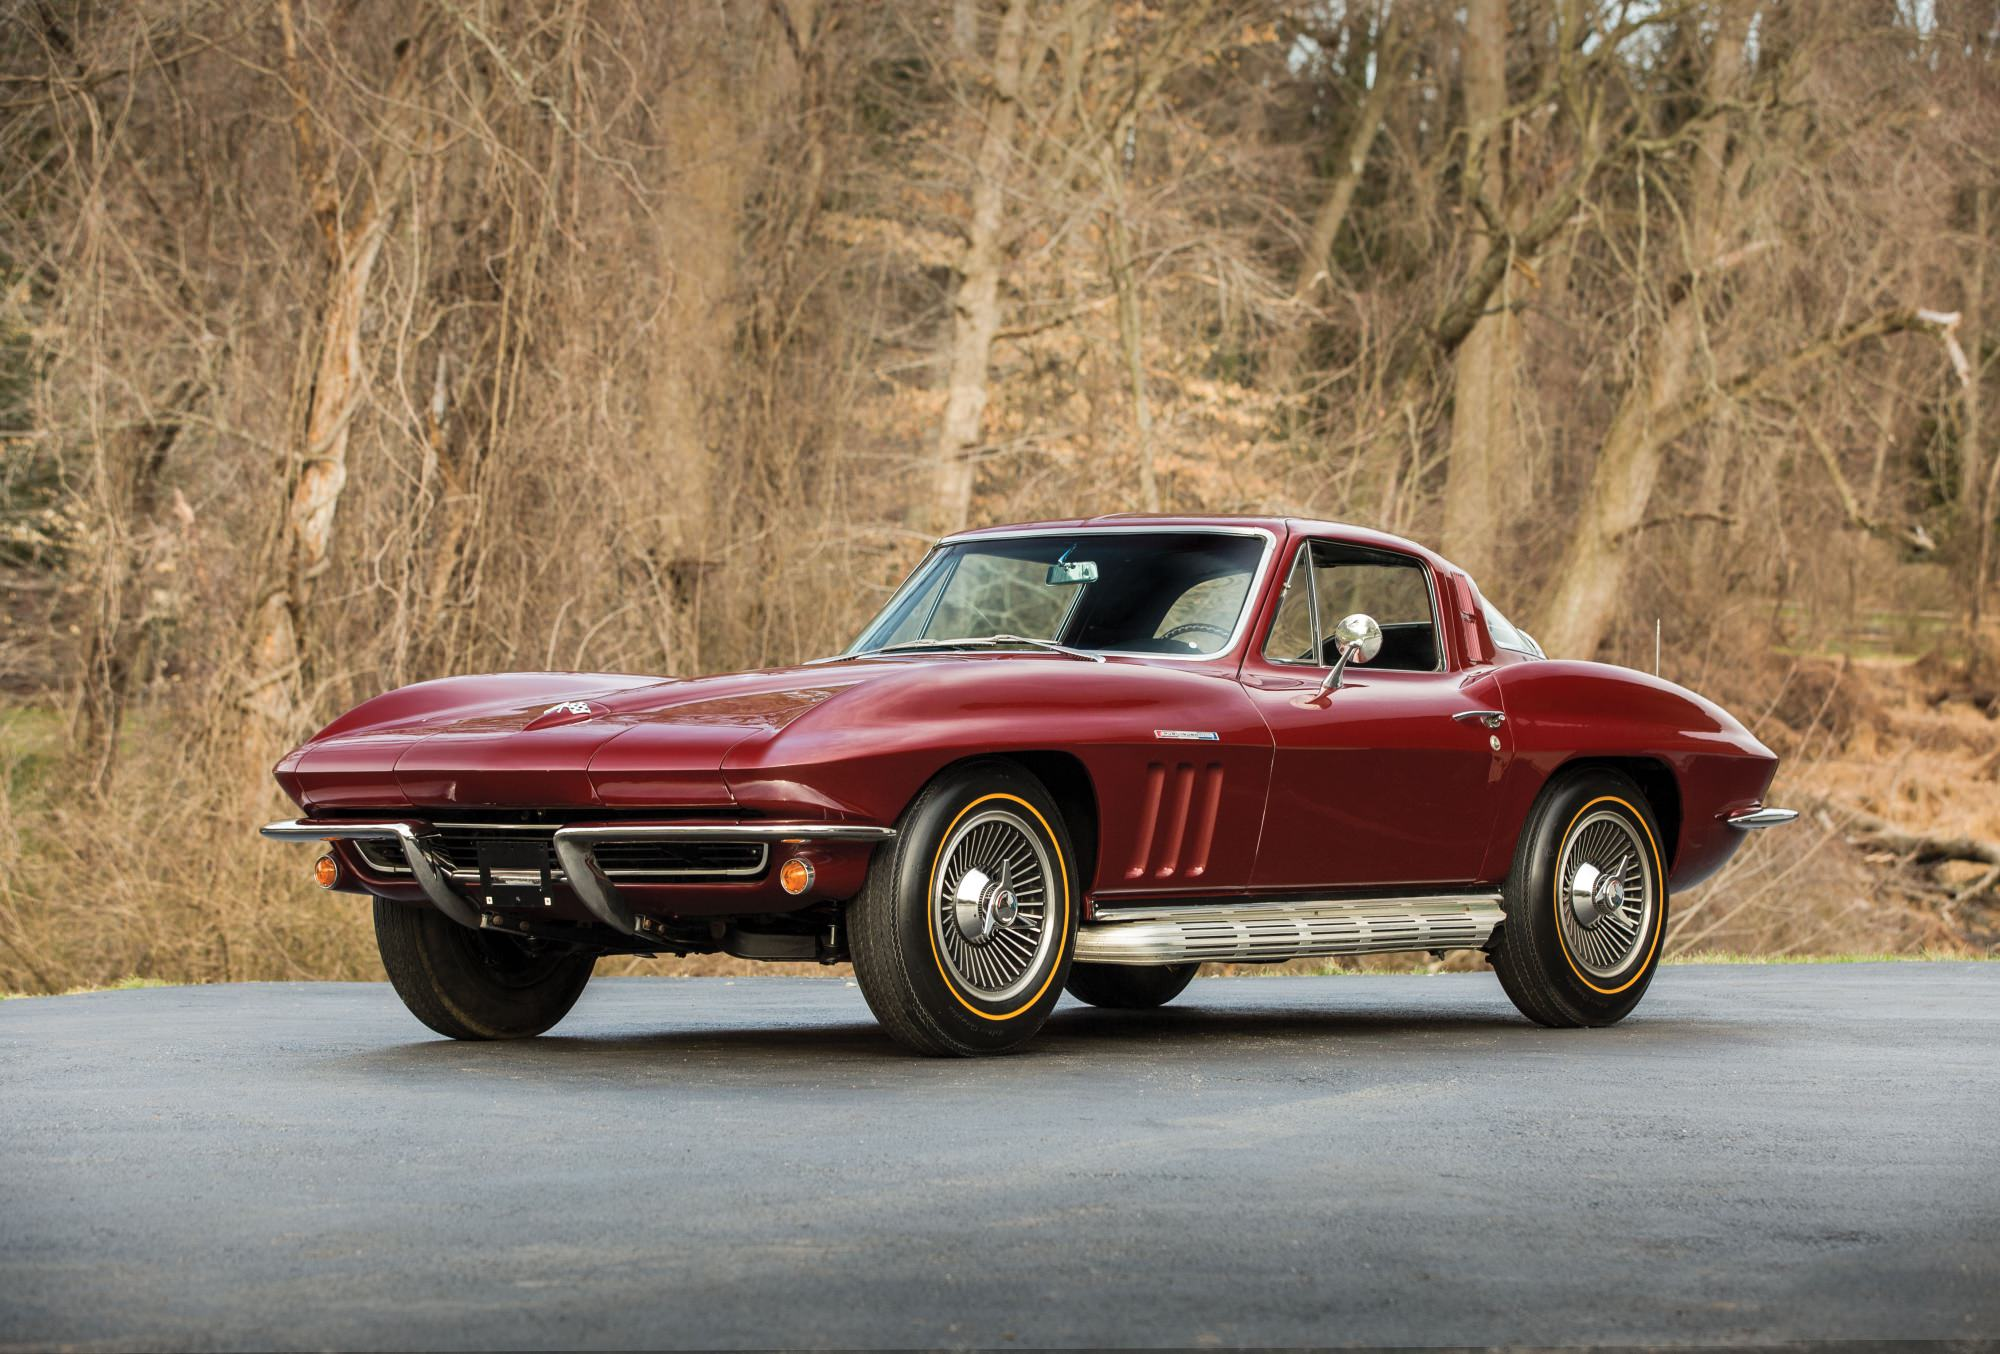 1965 Chevrolet Corvette C2  1965 Chevrolet ...